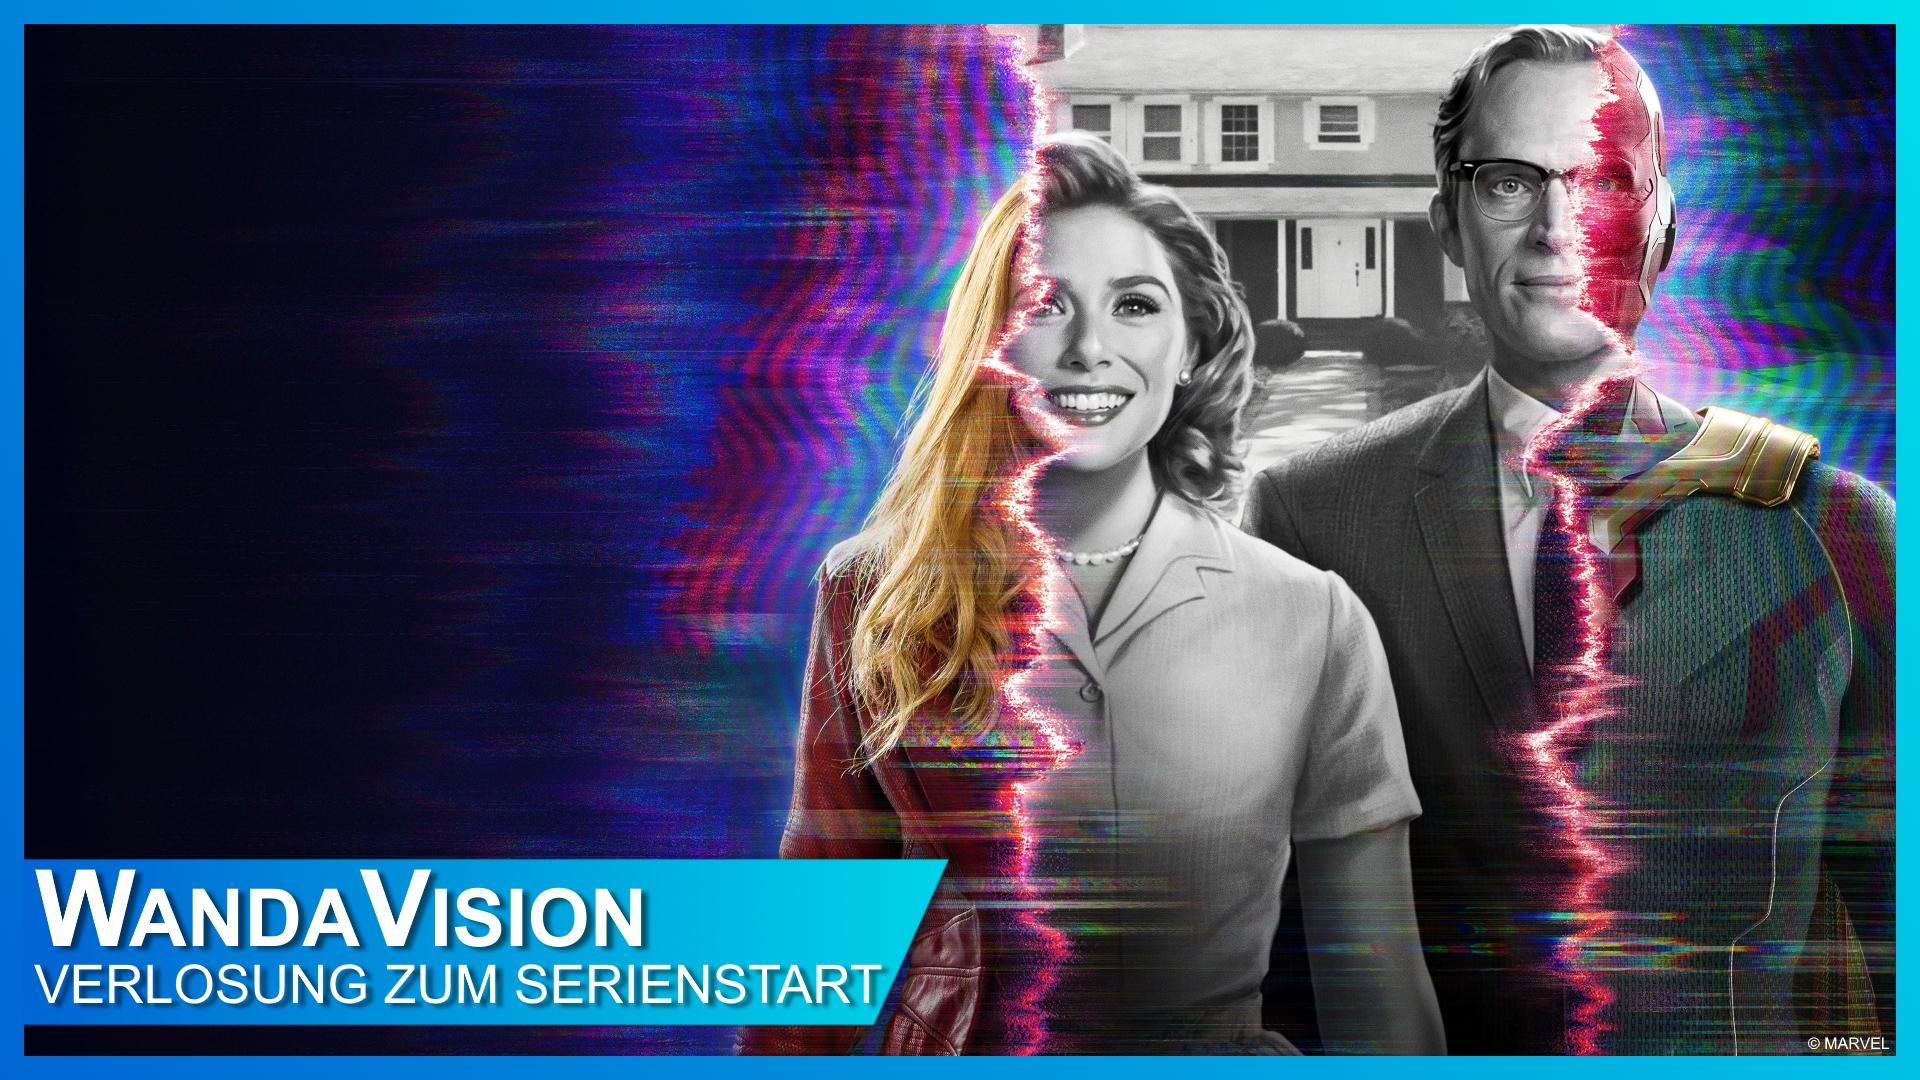 Verlosung zum Start von WandaVision